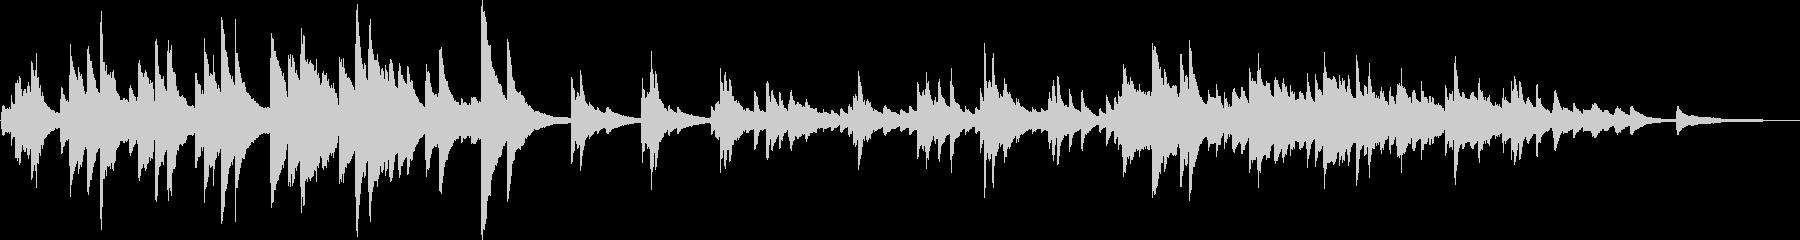 決別(ピアノ・かっこいい・切ない)の未再生の波形